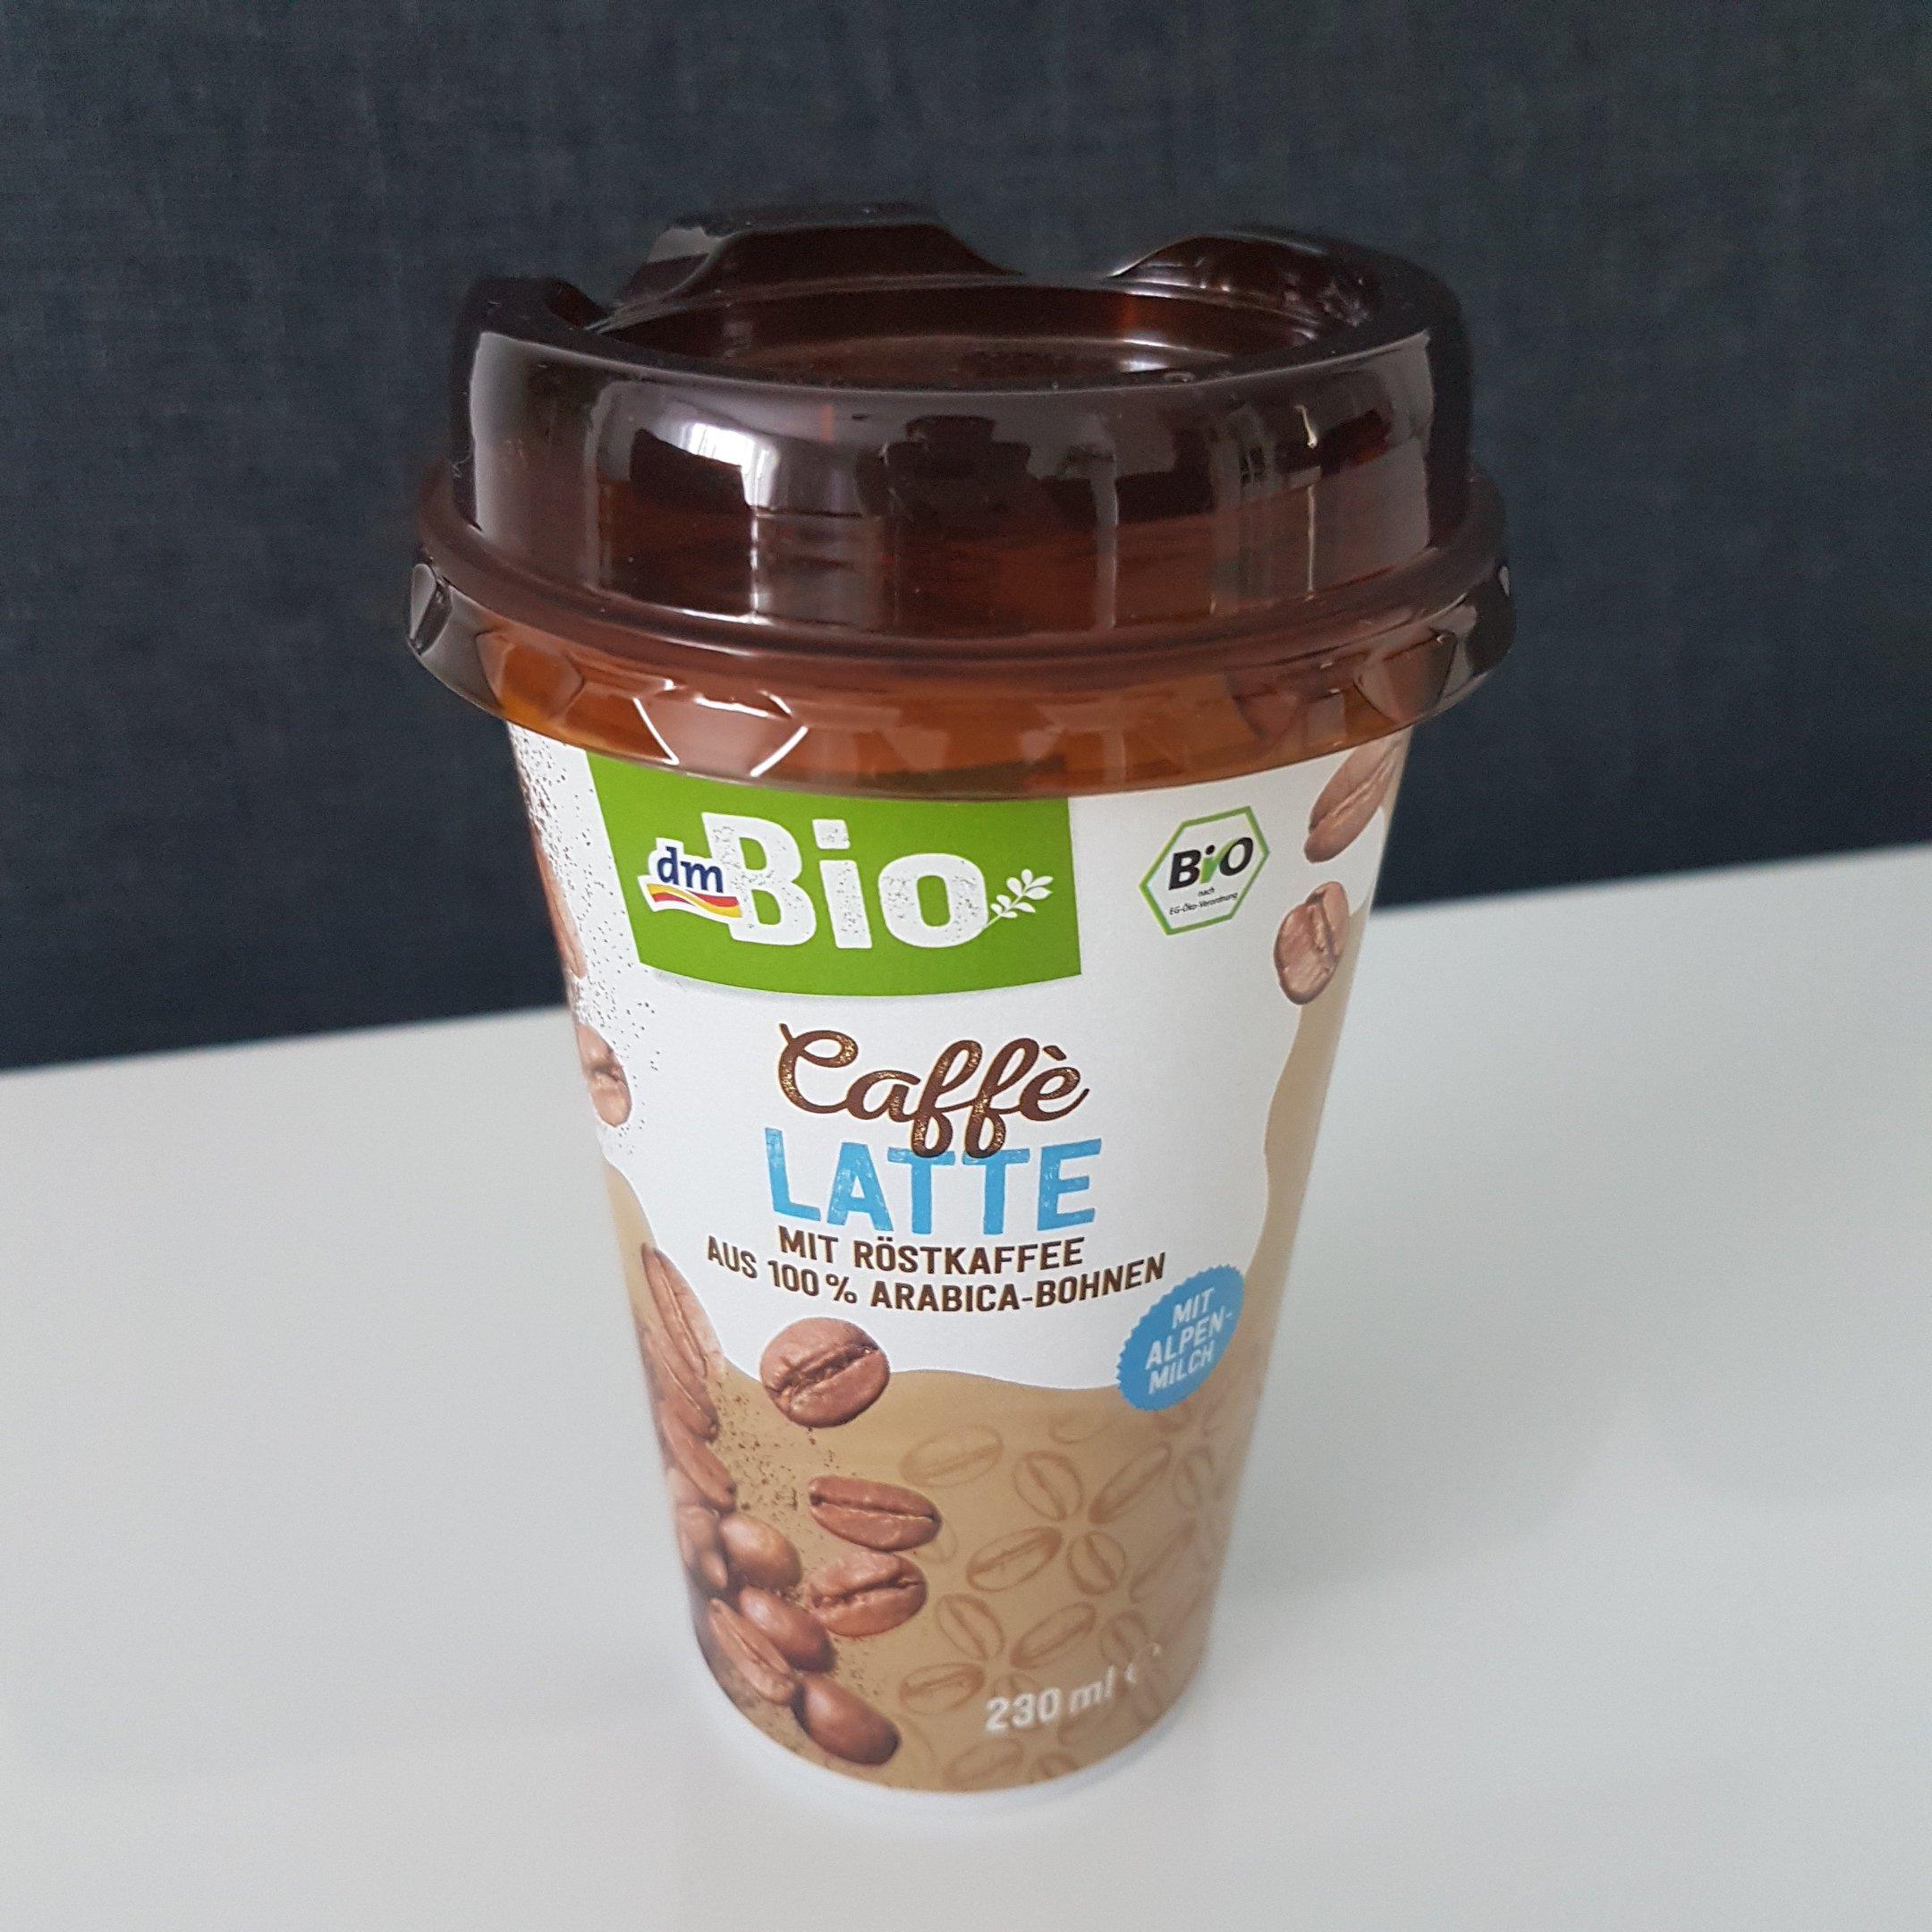 dmBio Caffè Latte - itstartswithacoffee.com #coffee #caffelatte #dm #dmBio #latte